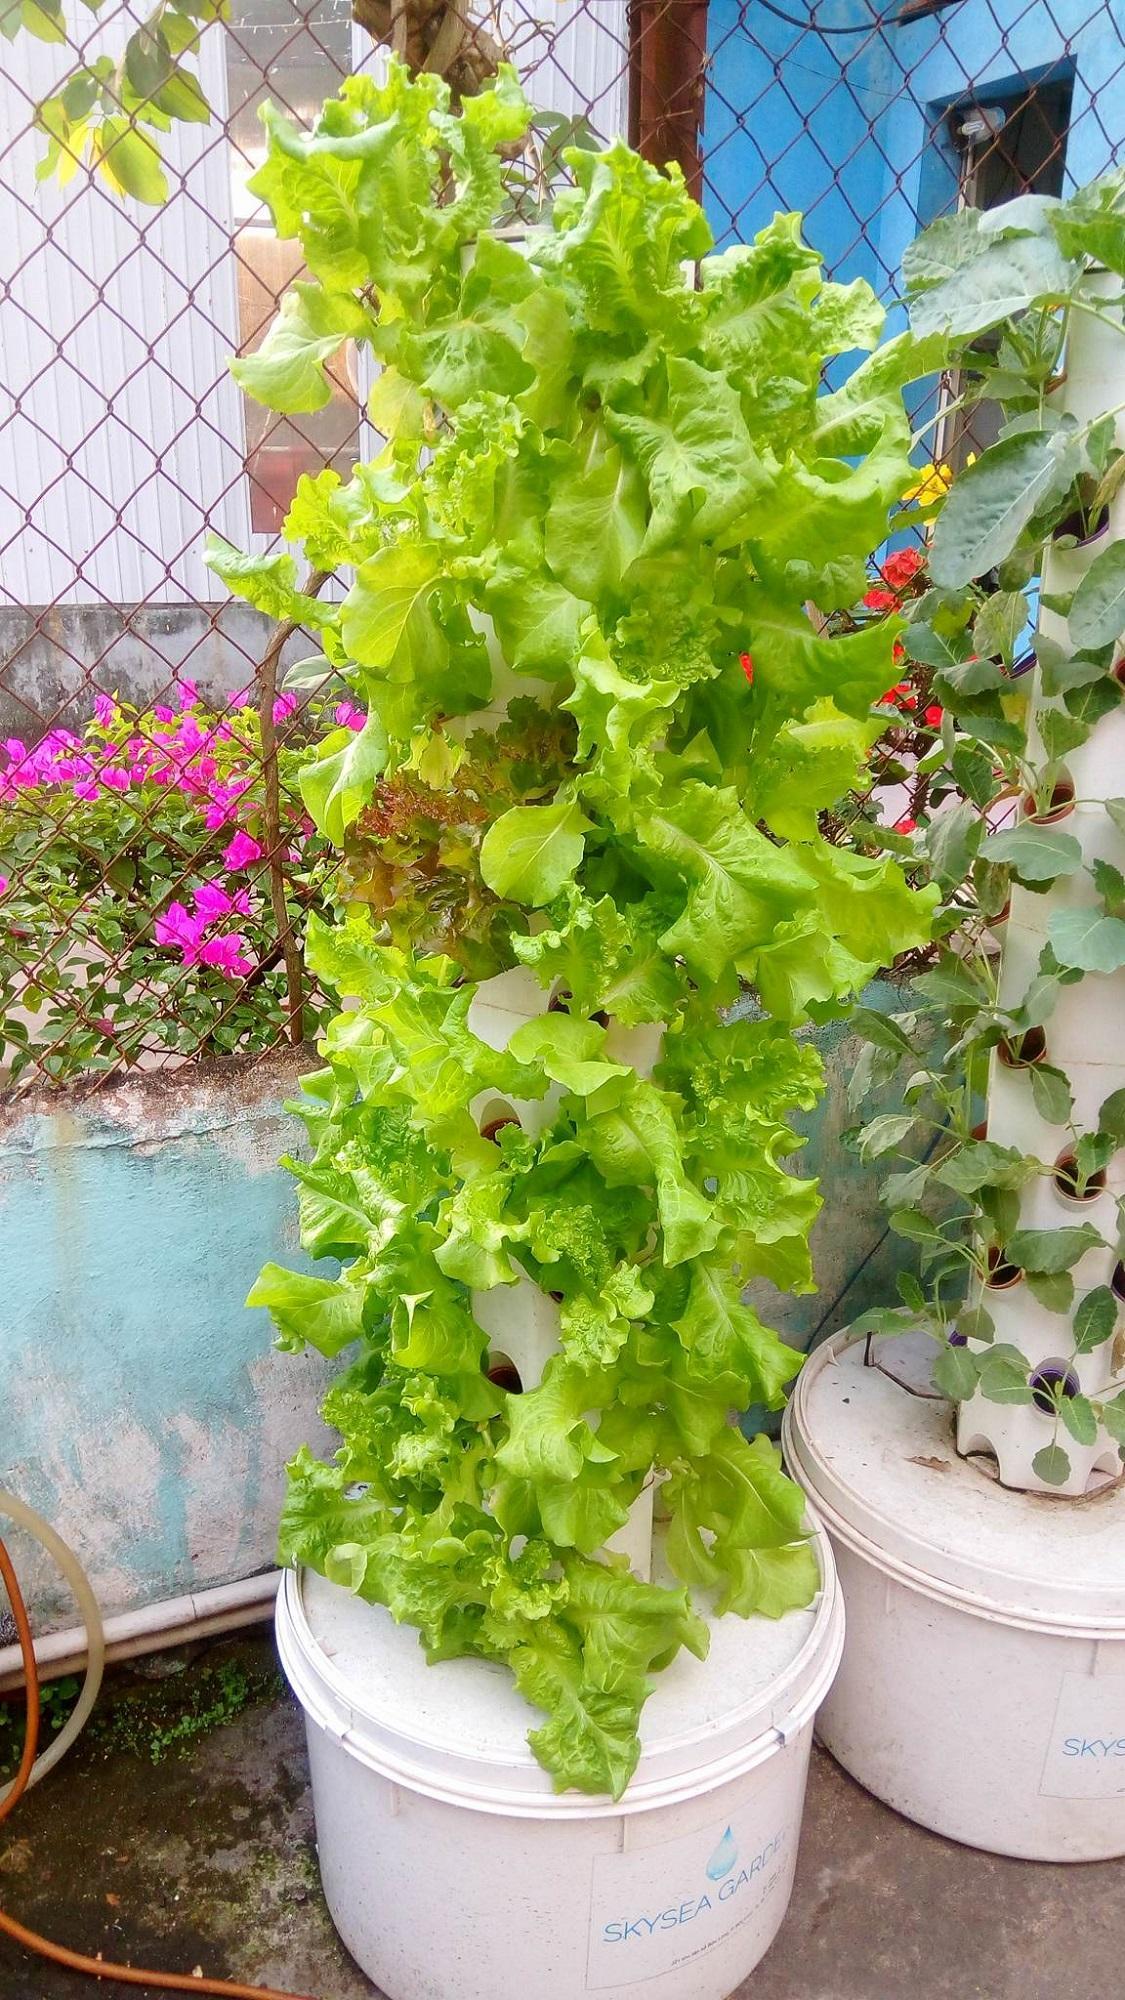 Trụ khí canh trồng rau sạch 36 rọ cây - Skysea Garden